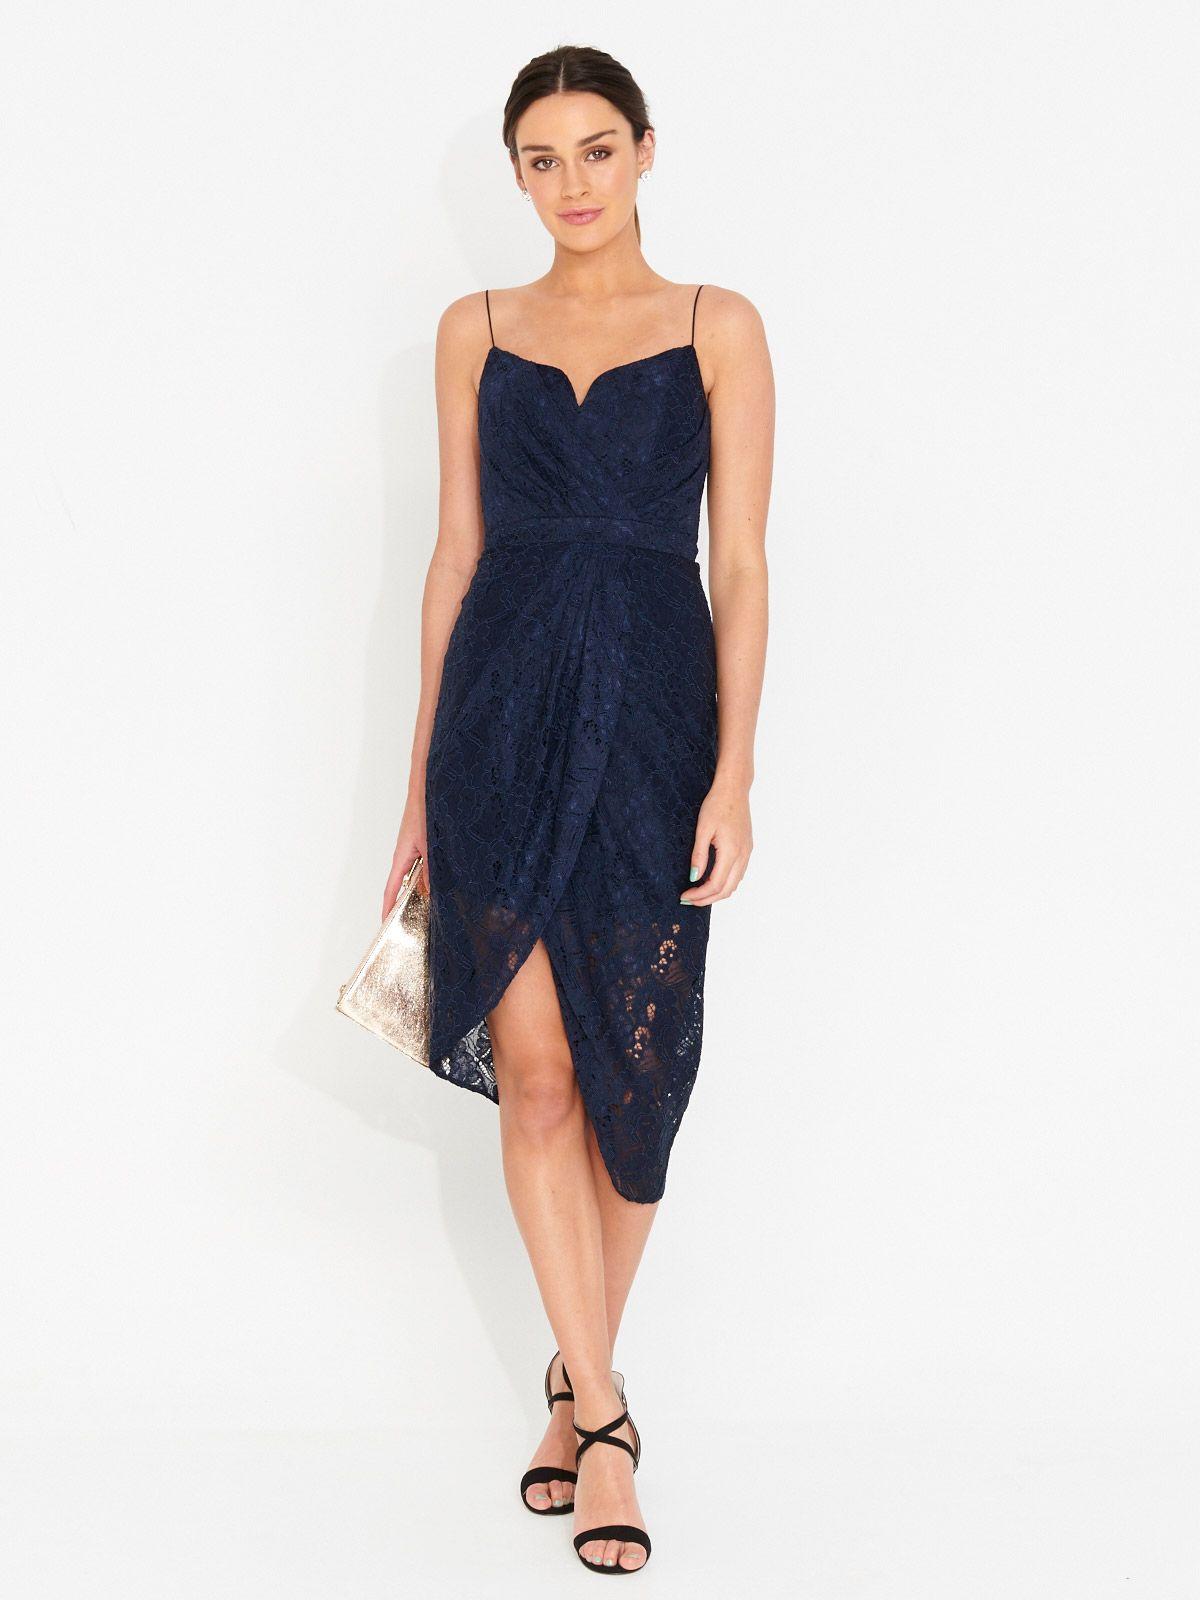 Image for Lace Romantic Drape Dress from Portmans | dresses ...